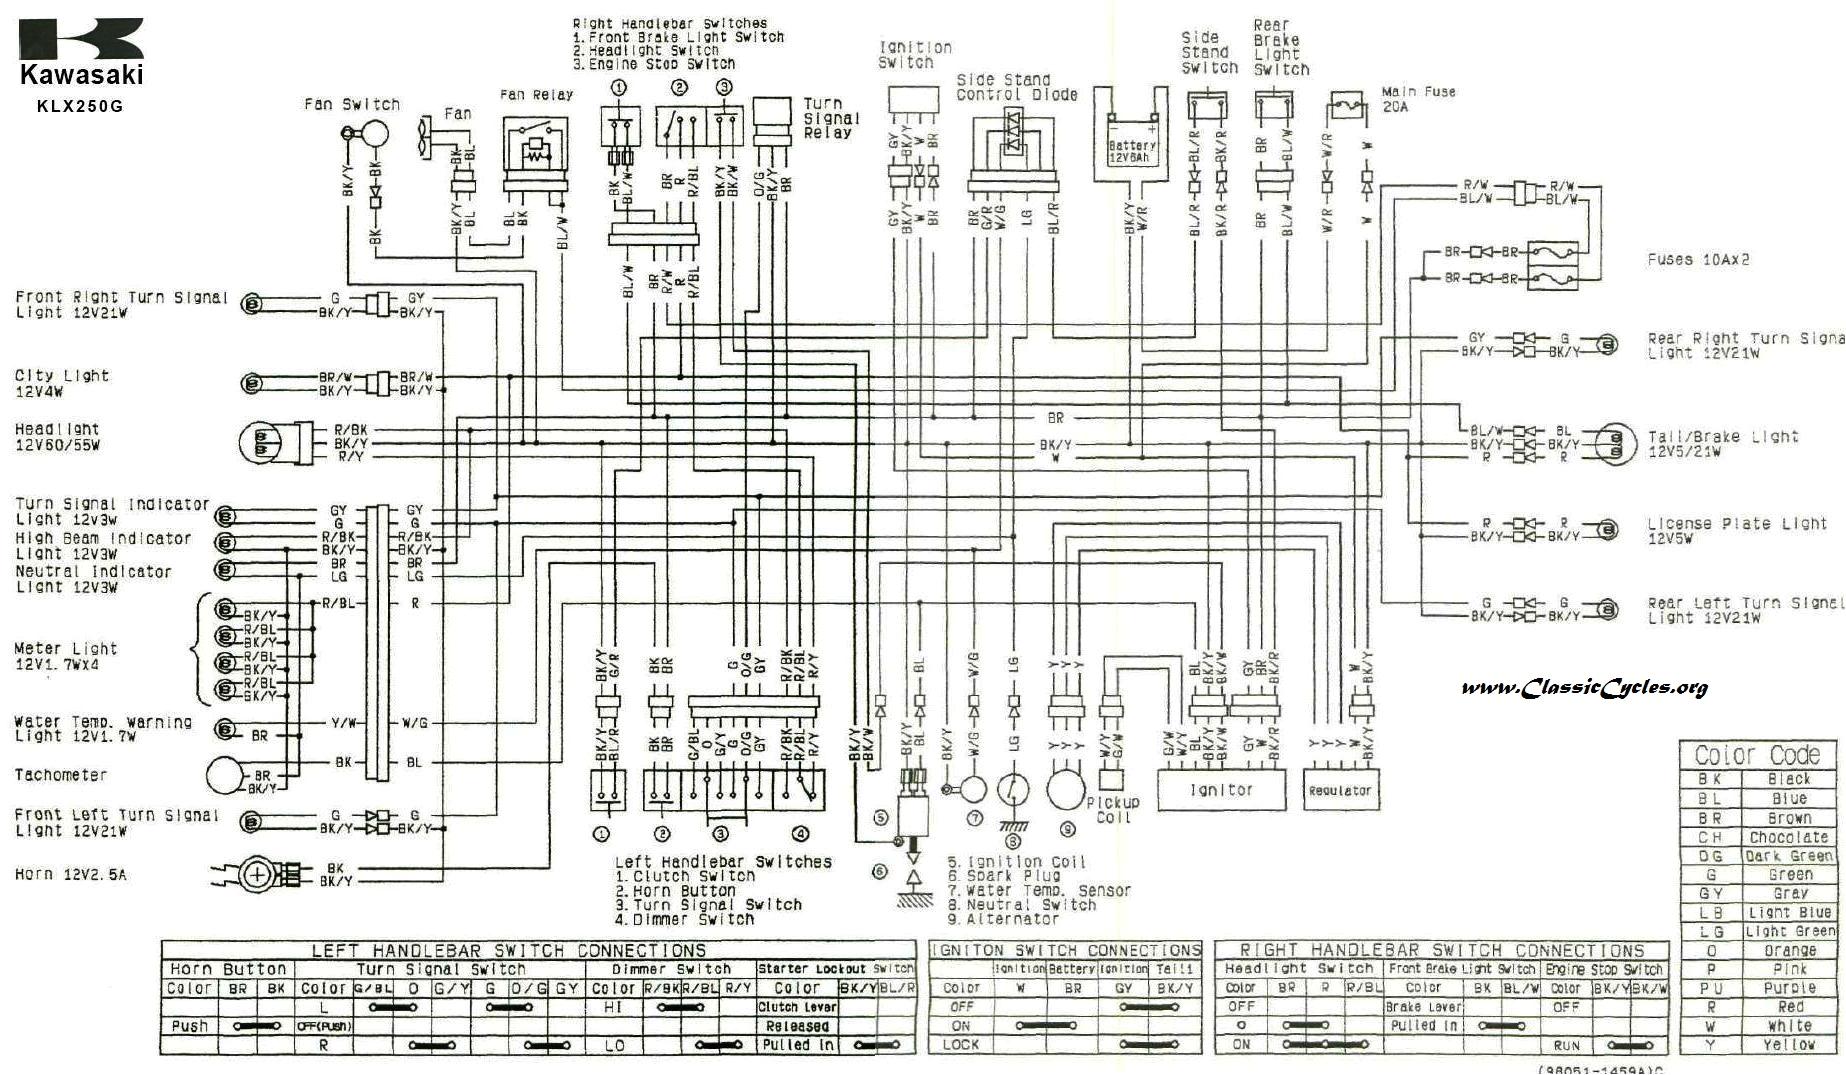 4 wheeler wiring diagram kawasaki ksf90a wiring diagramninja 300 wiring diagram wiring library4 wheeler wiring diagram